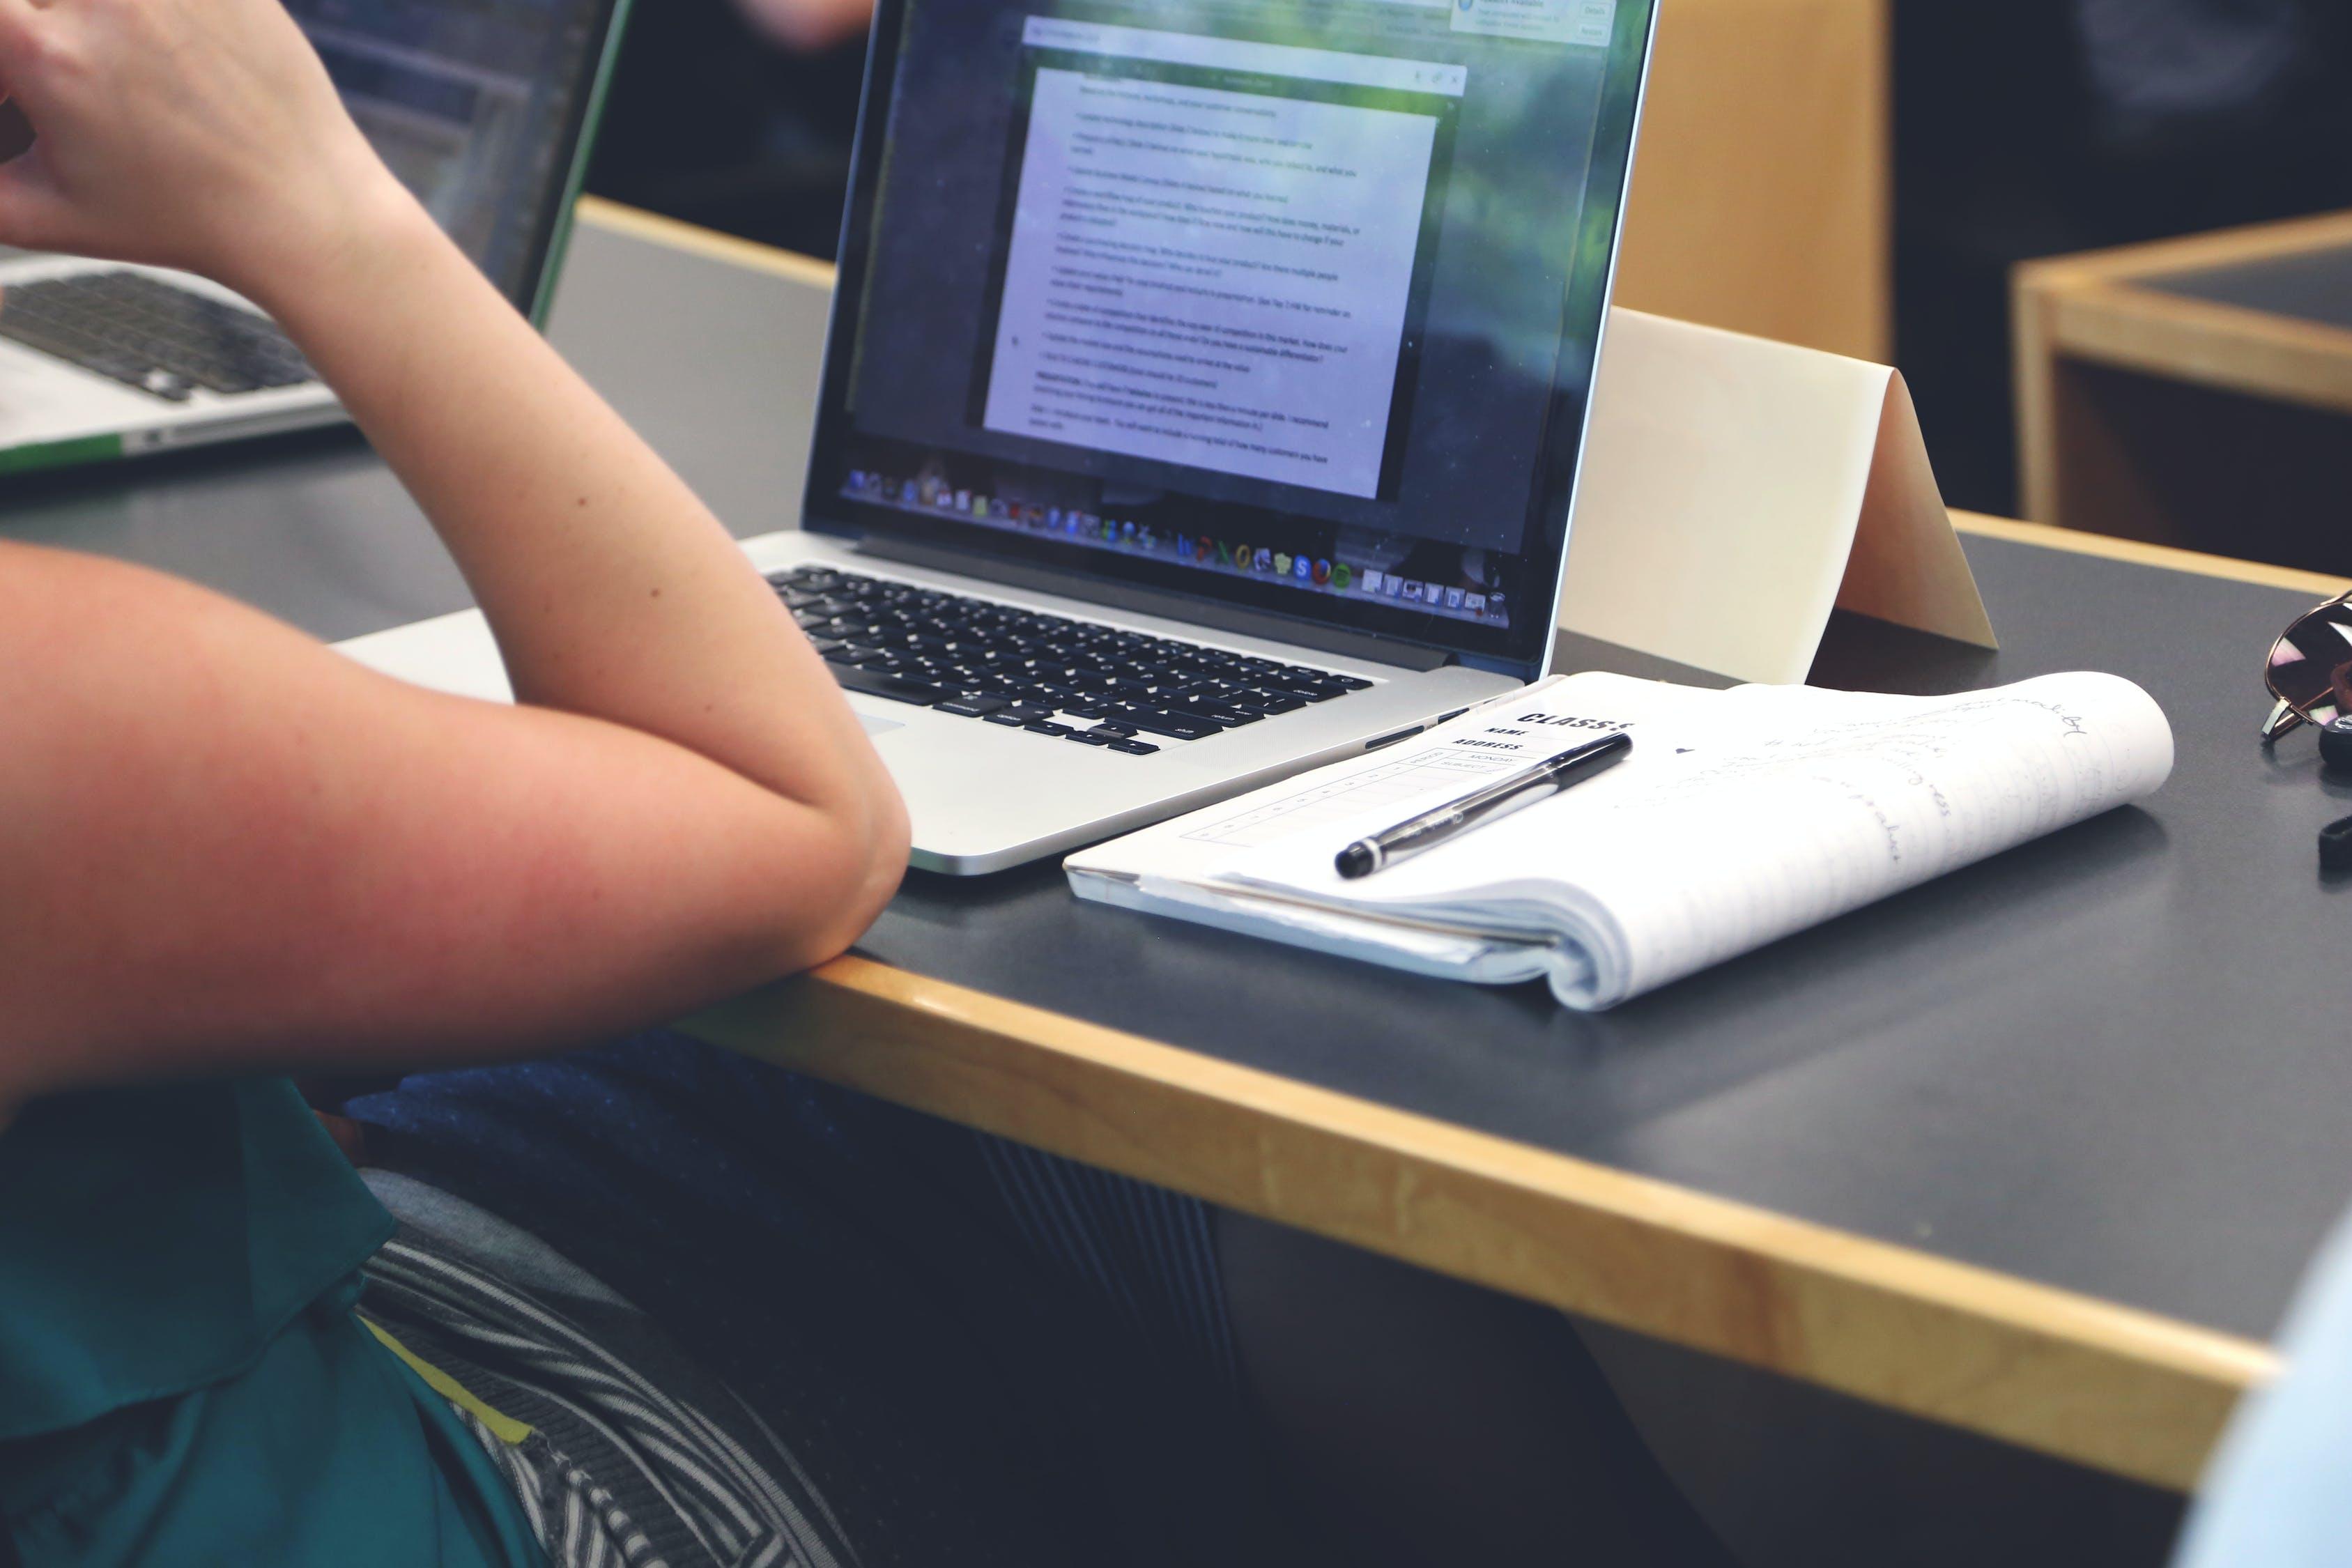 Balázs tanácsa a leendő diákoknak: csinálni kell, hogy rögzüljön a tudás